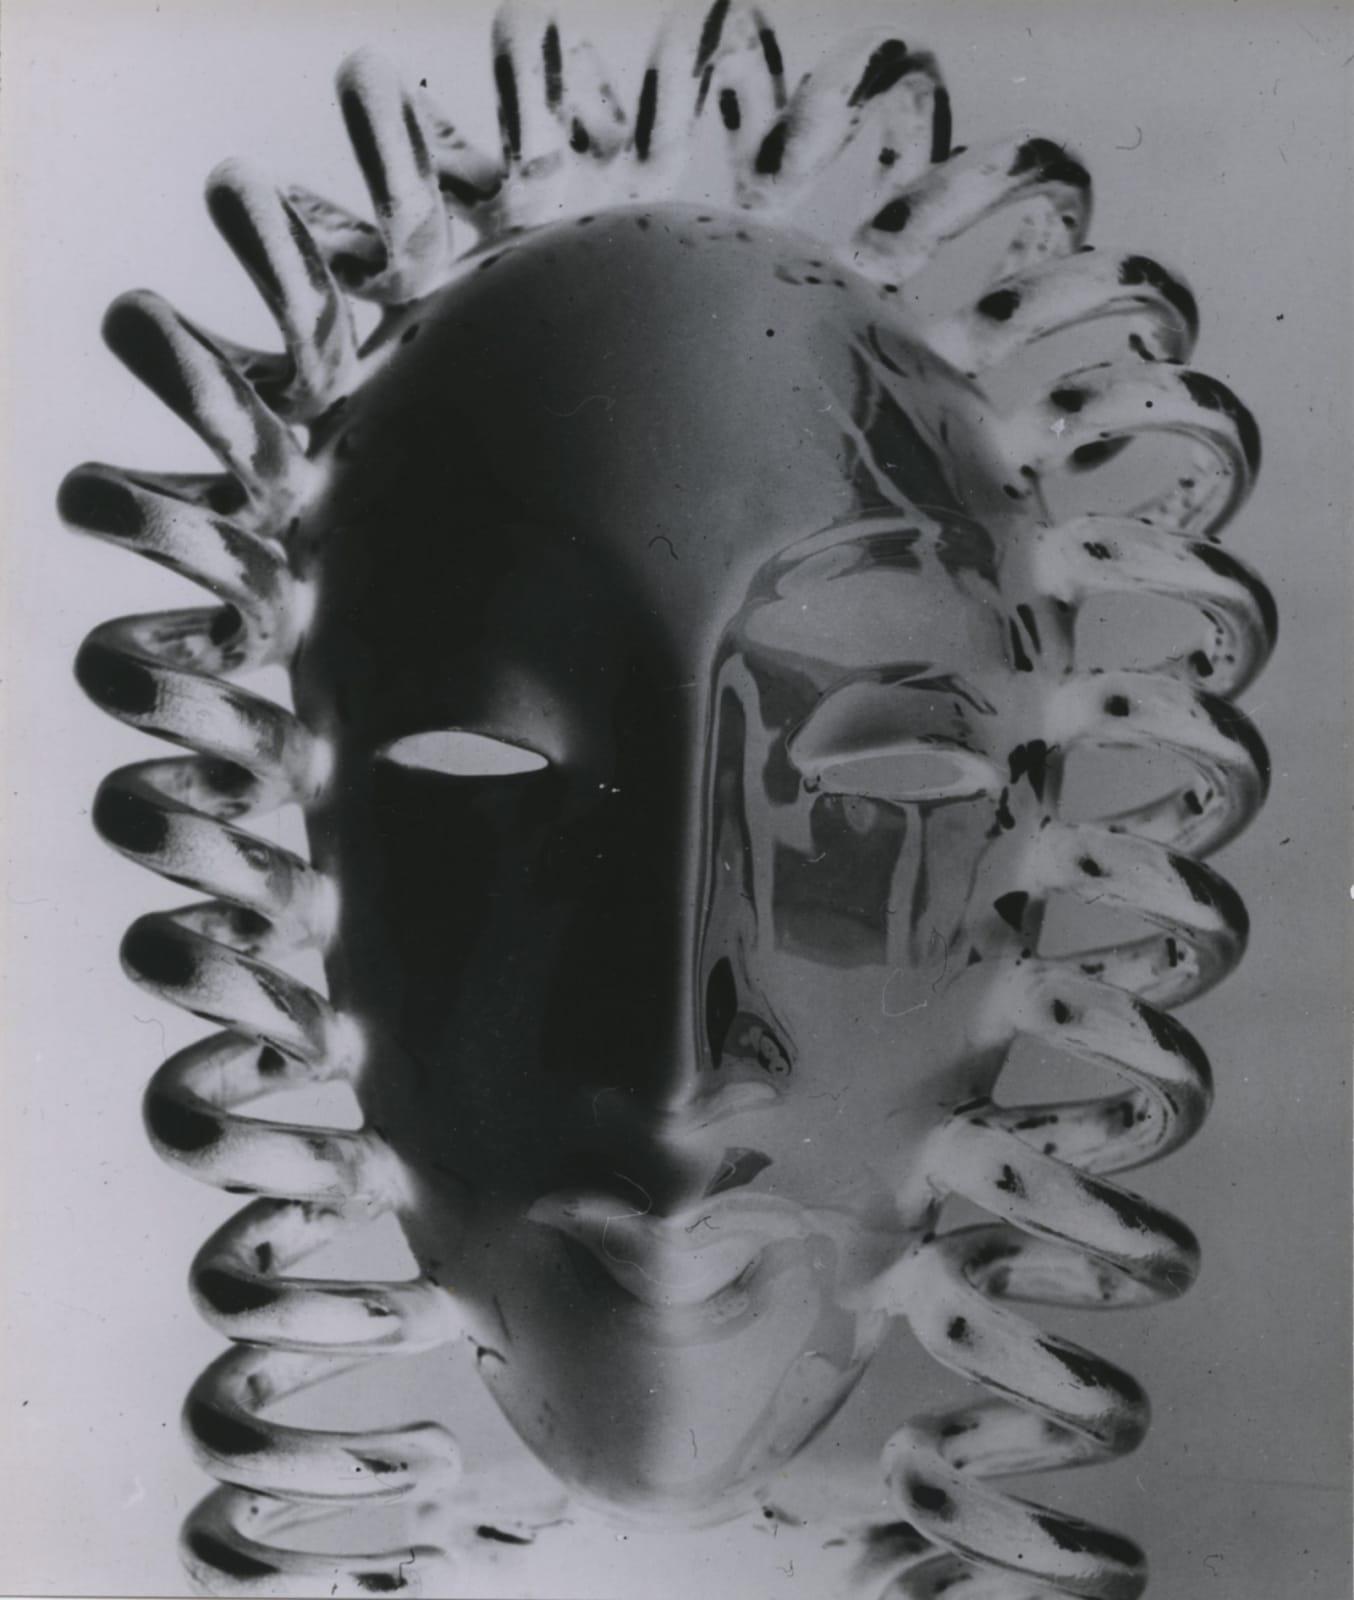 André Steiner, Masque solarisé, c. 1932